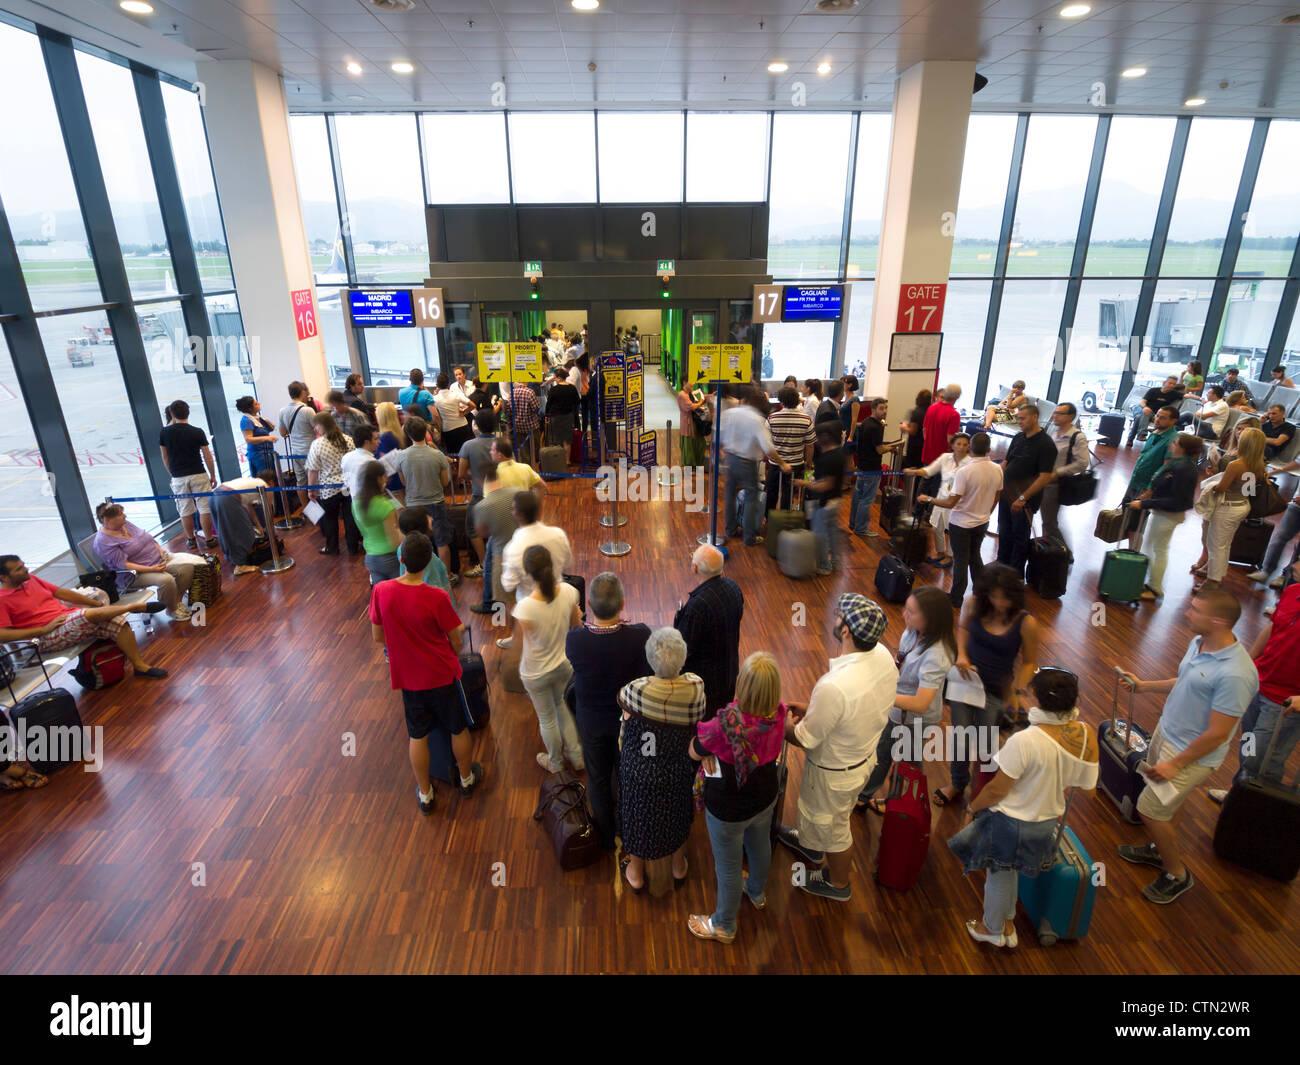 Aeroporto Orio Al Serio : Pubblicità aeroporto pubblicità aeroporto malpensa linate orio